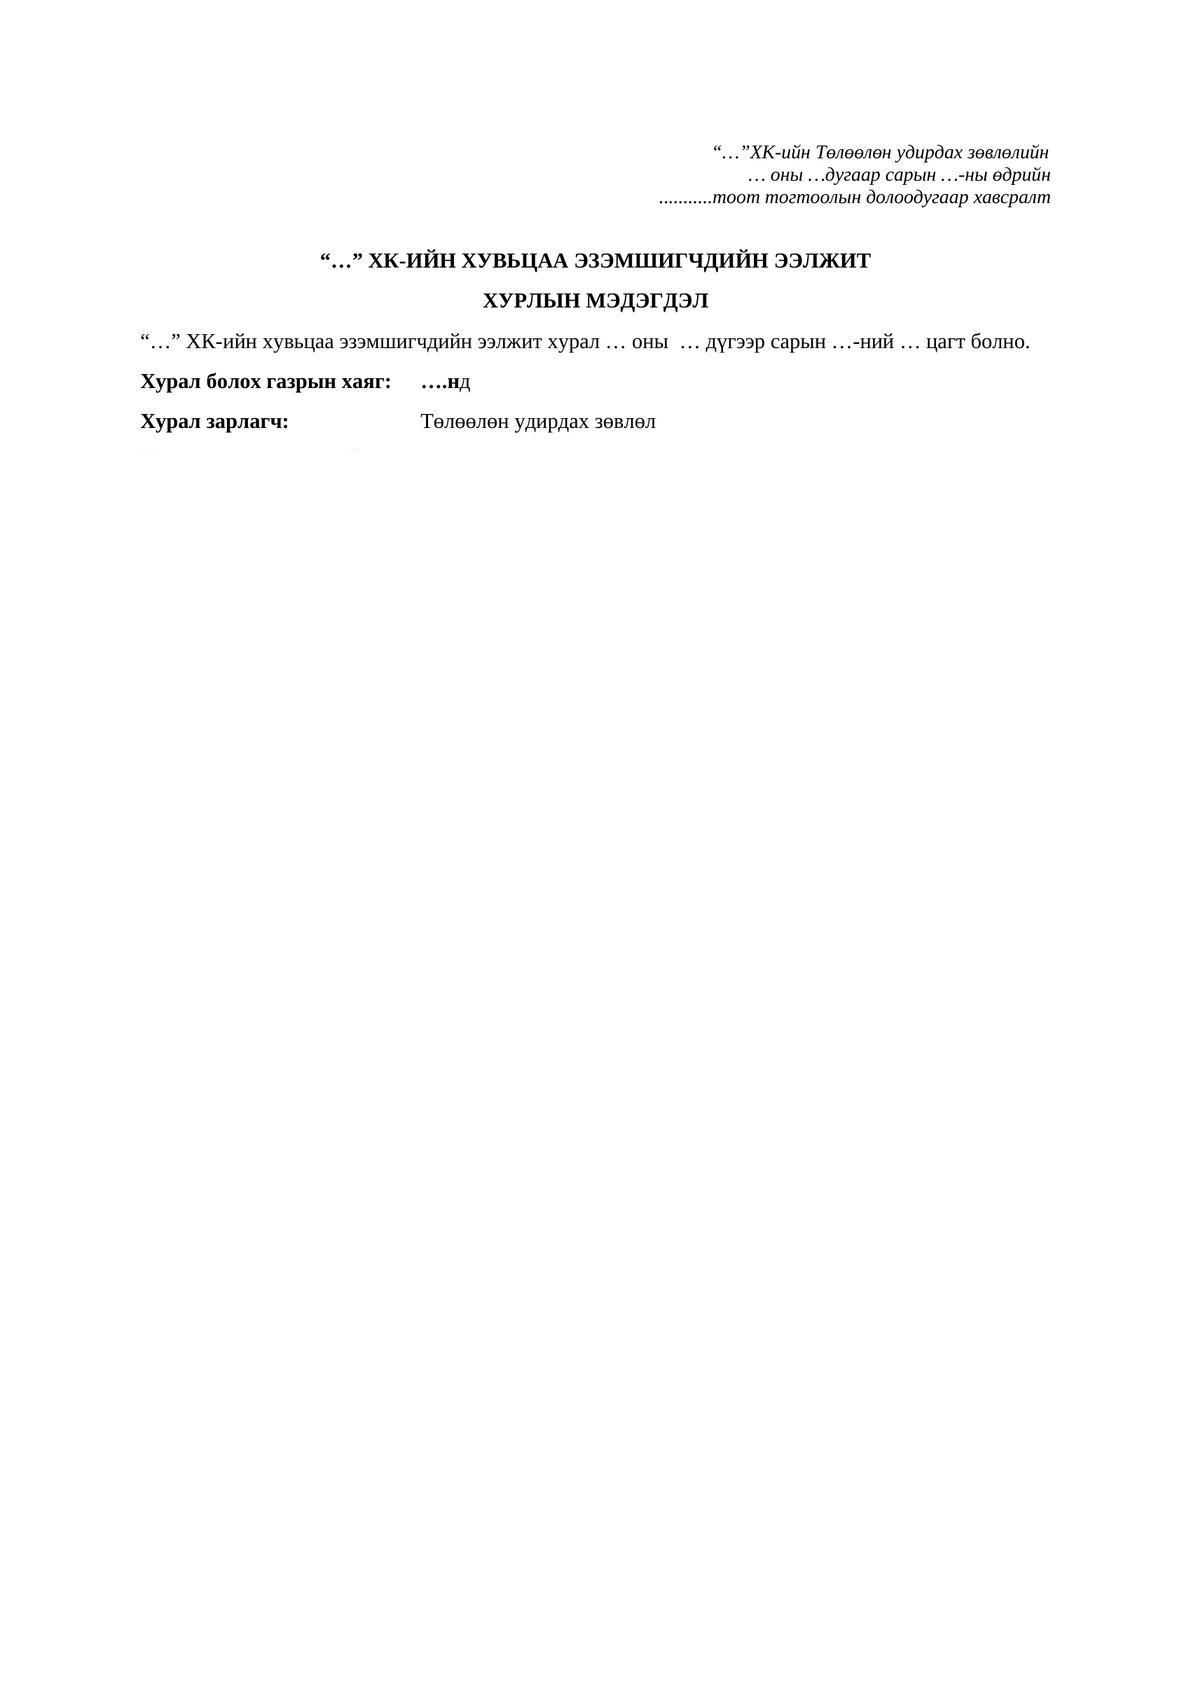 ХЭЭХ-ыг хуралдуулахтай холбоотой багц баримт бичиг -3